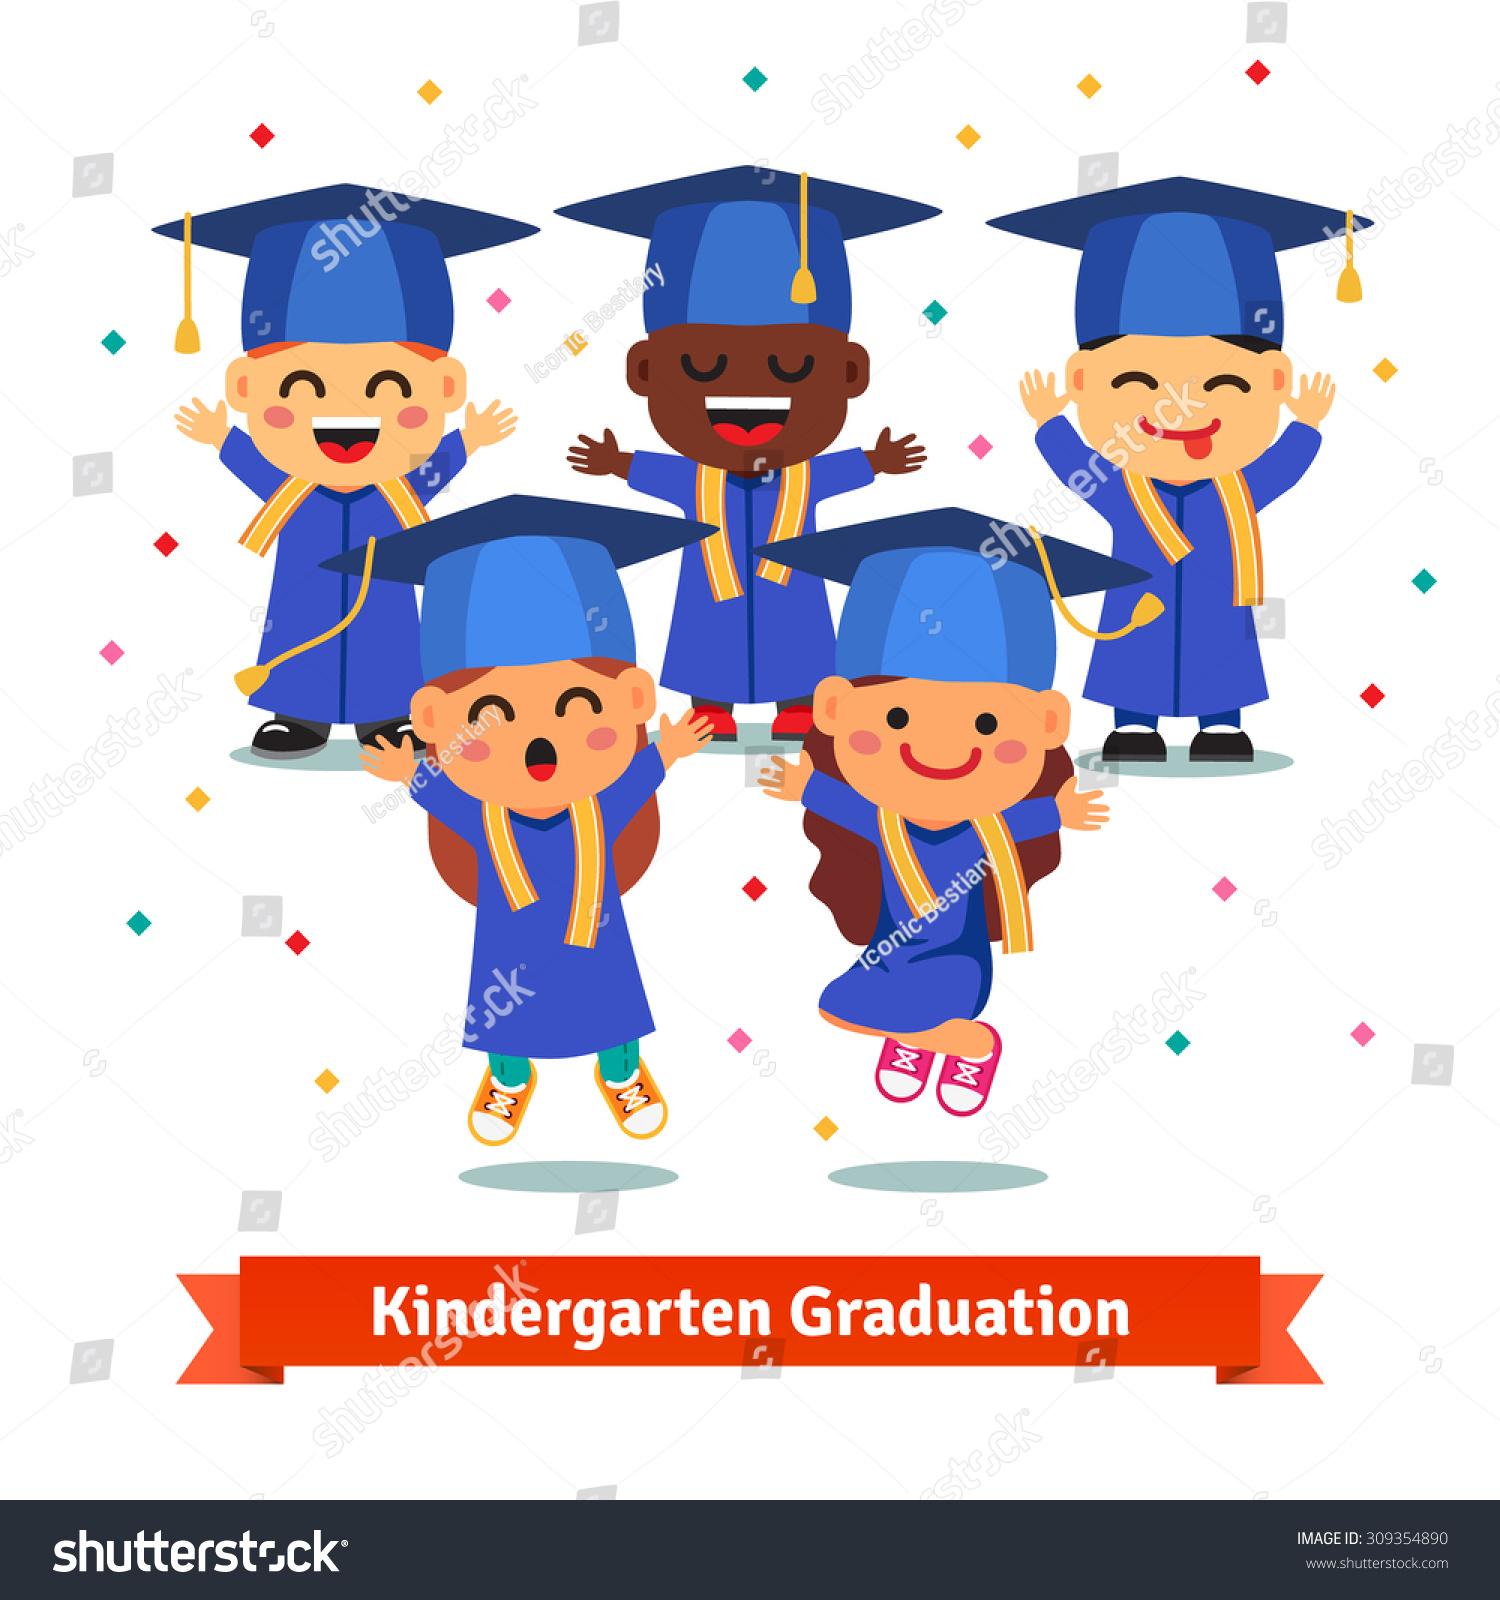 Kindergarten Graduation Party Kids Mortar Boards Stock ...  Kindergarten Gr...